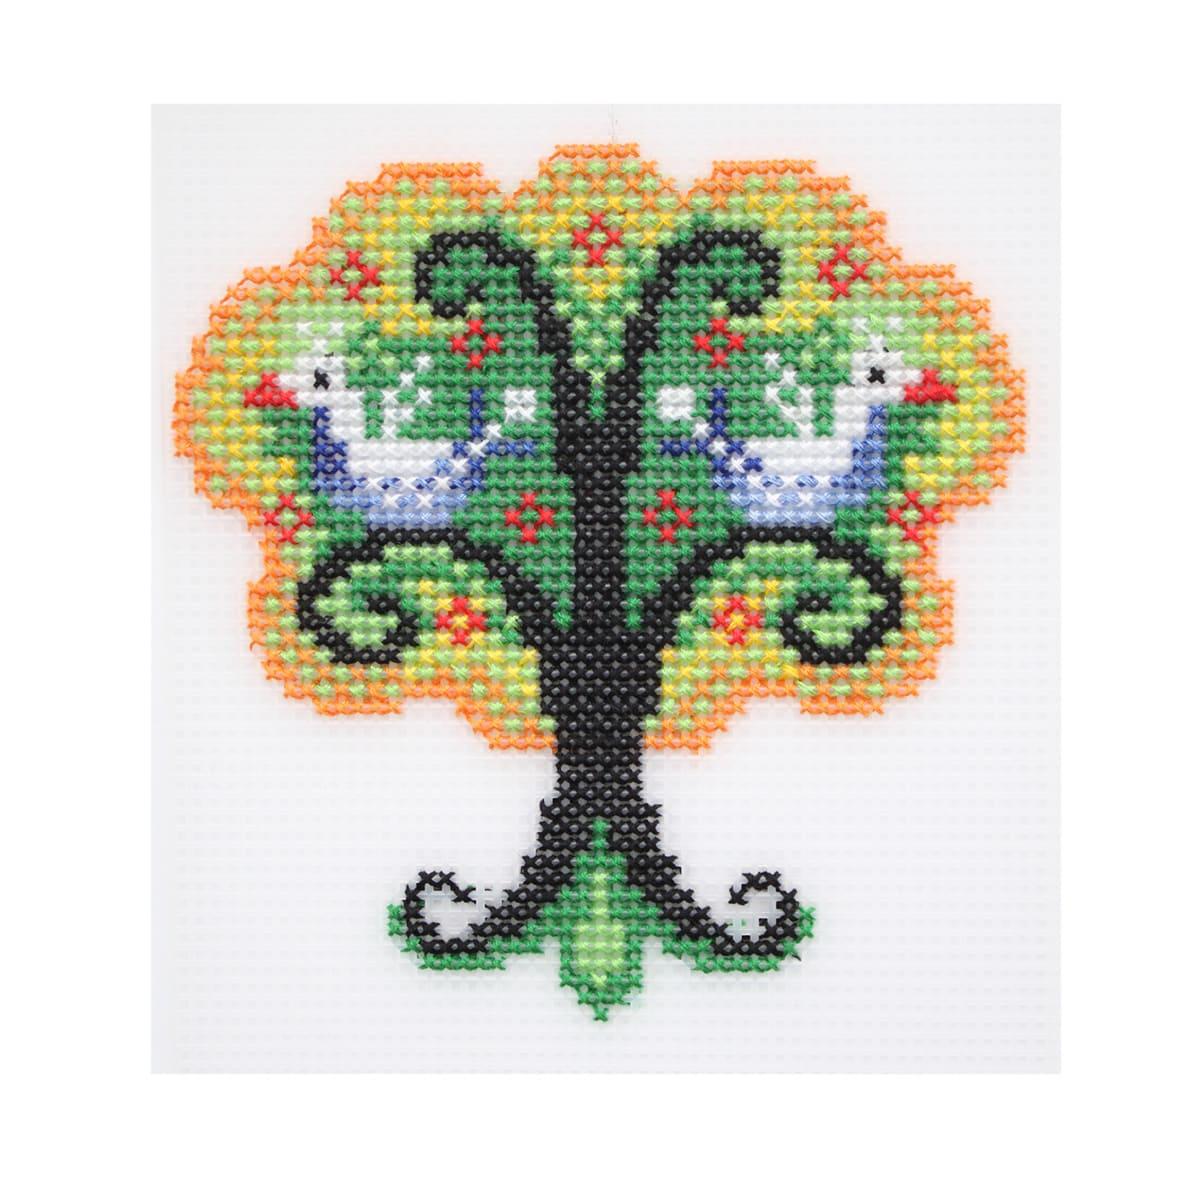 П-0025 Набор для вышивания на пластиковой канве Hobby & Pro Kids 'Чудо-дерево', 12*12,5 см